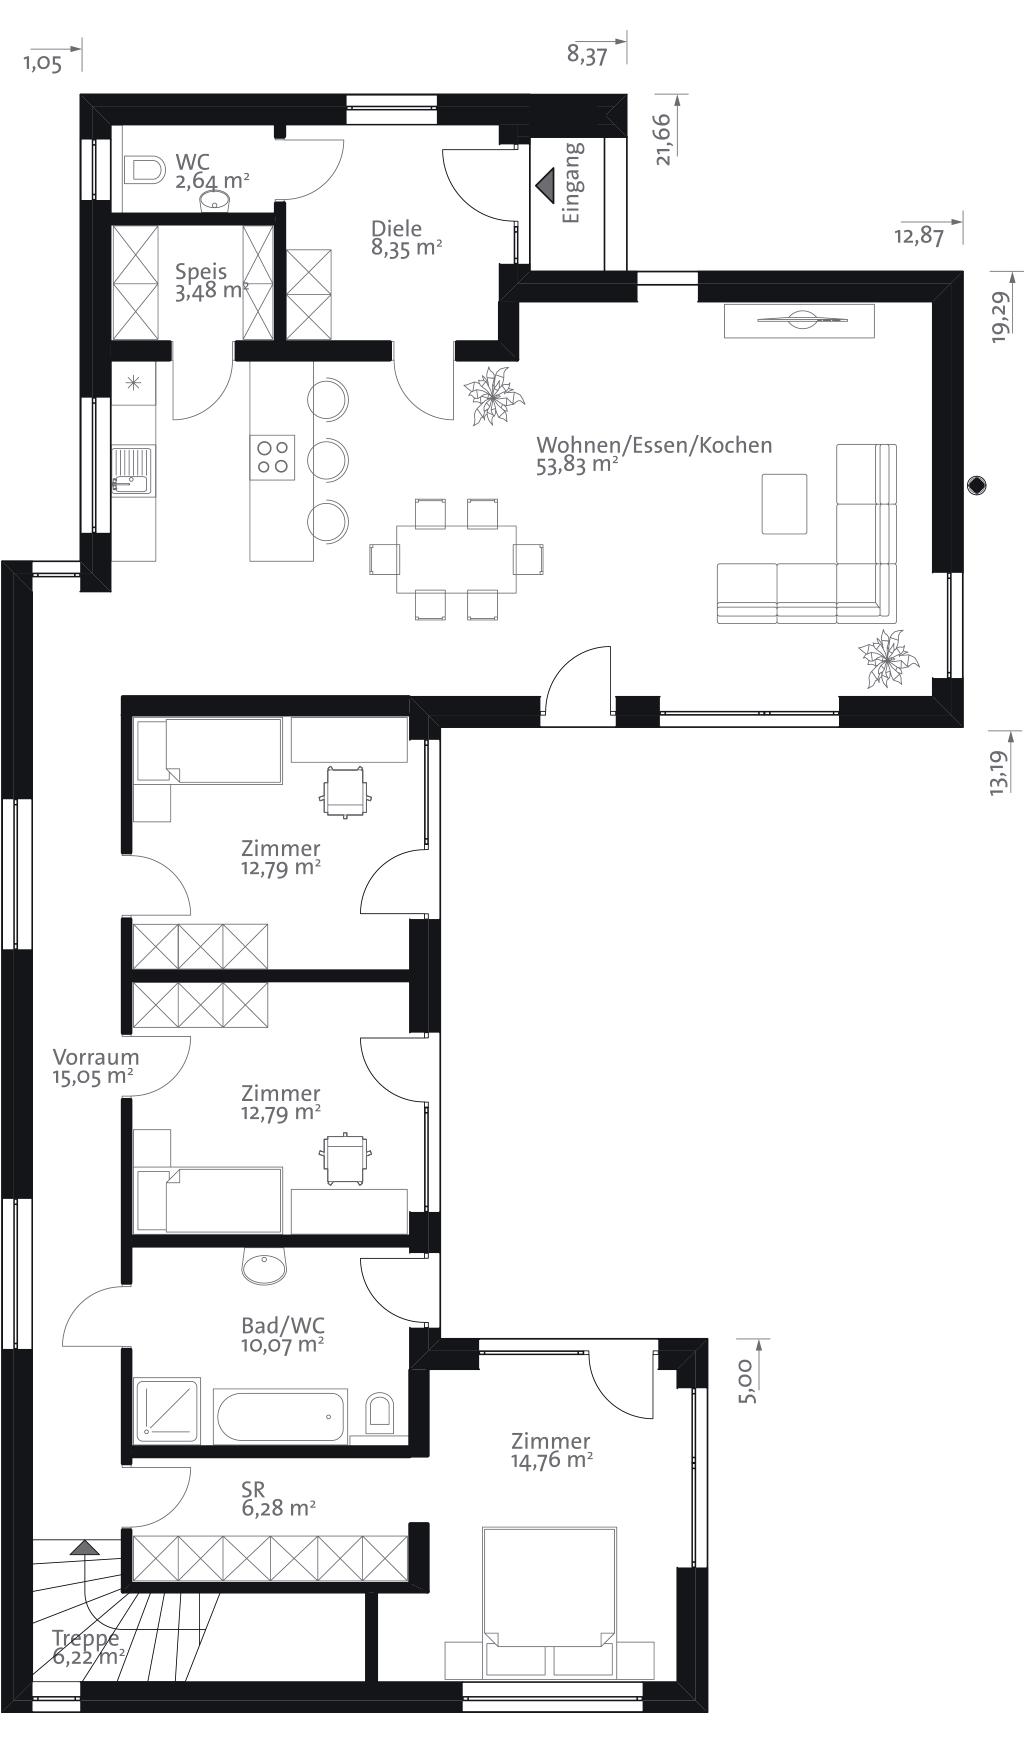 Erdgeschoss haus front design flachgrundrisseg  thermomix  pinterest  bungalow house and